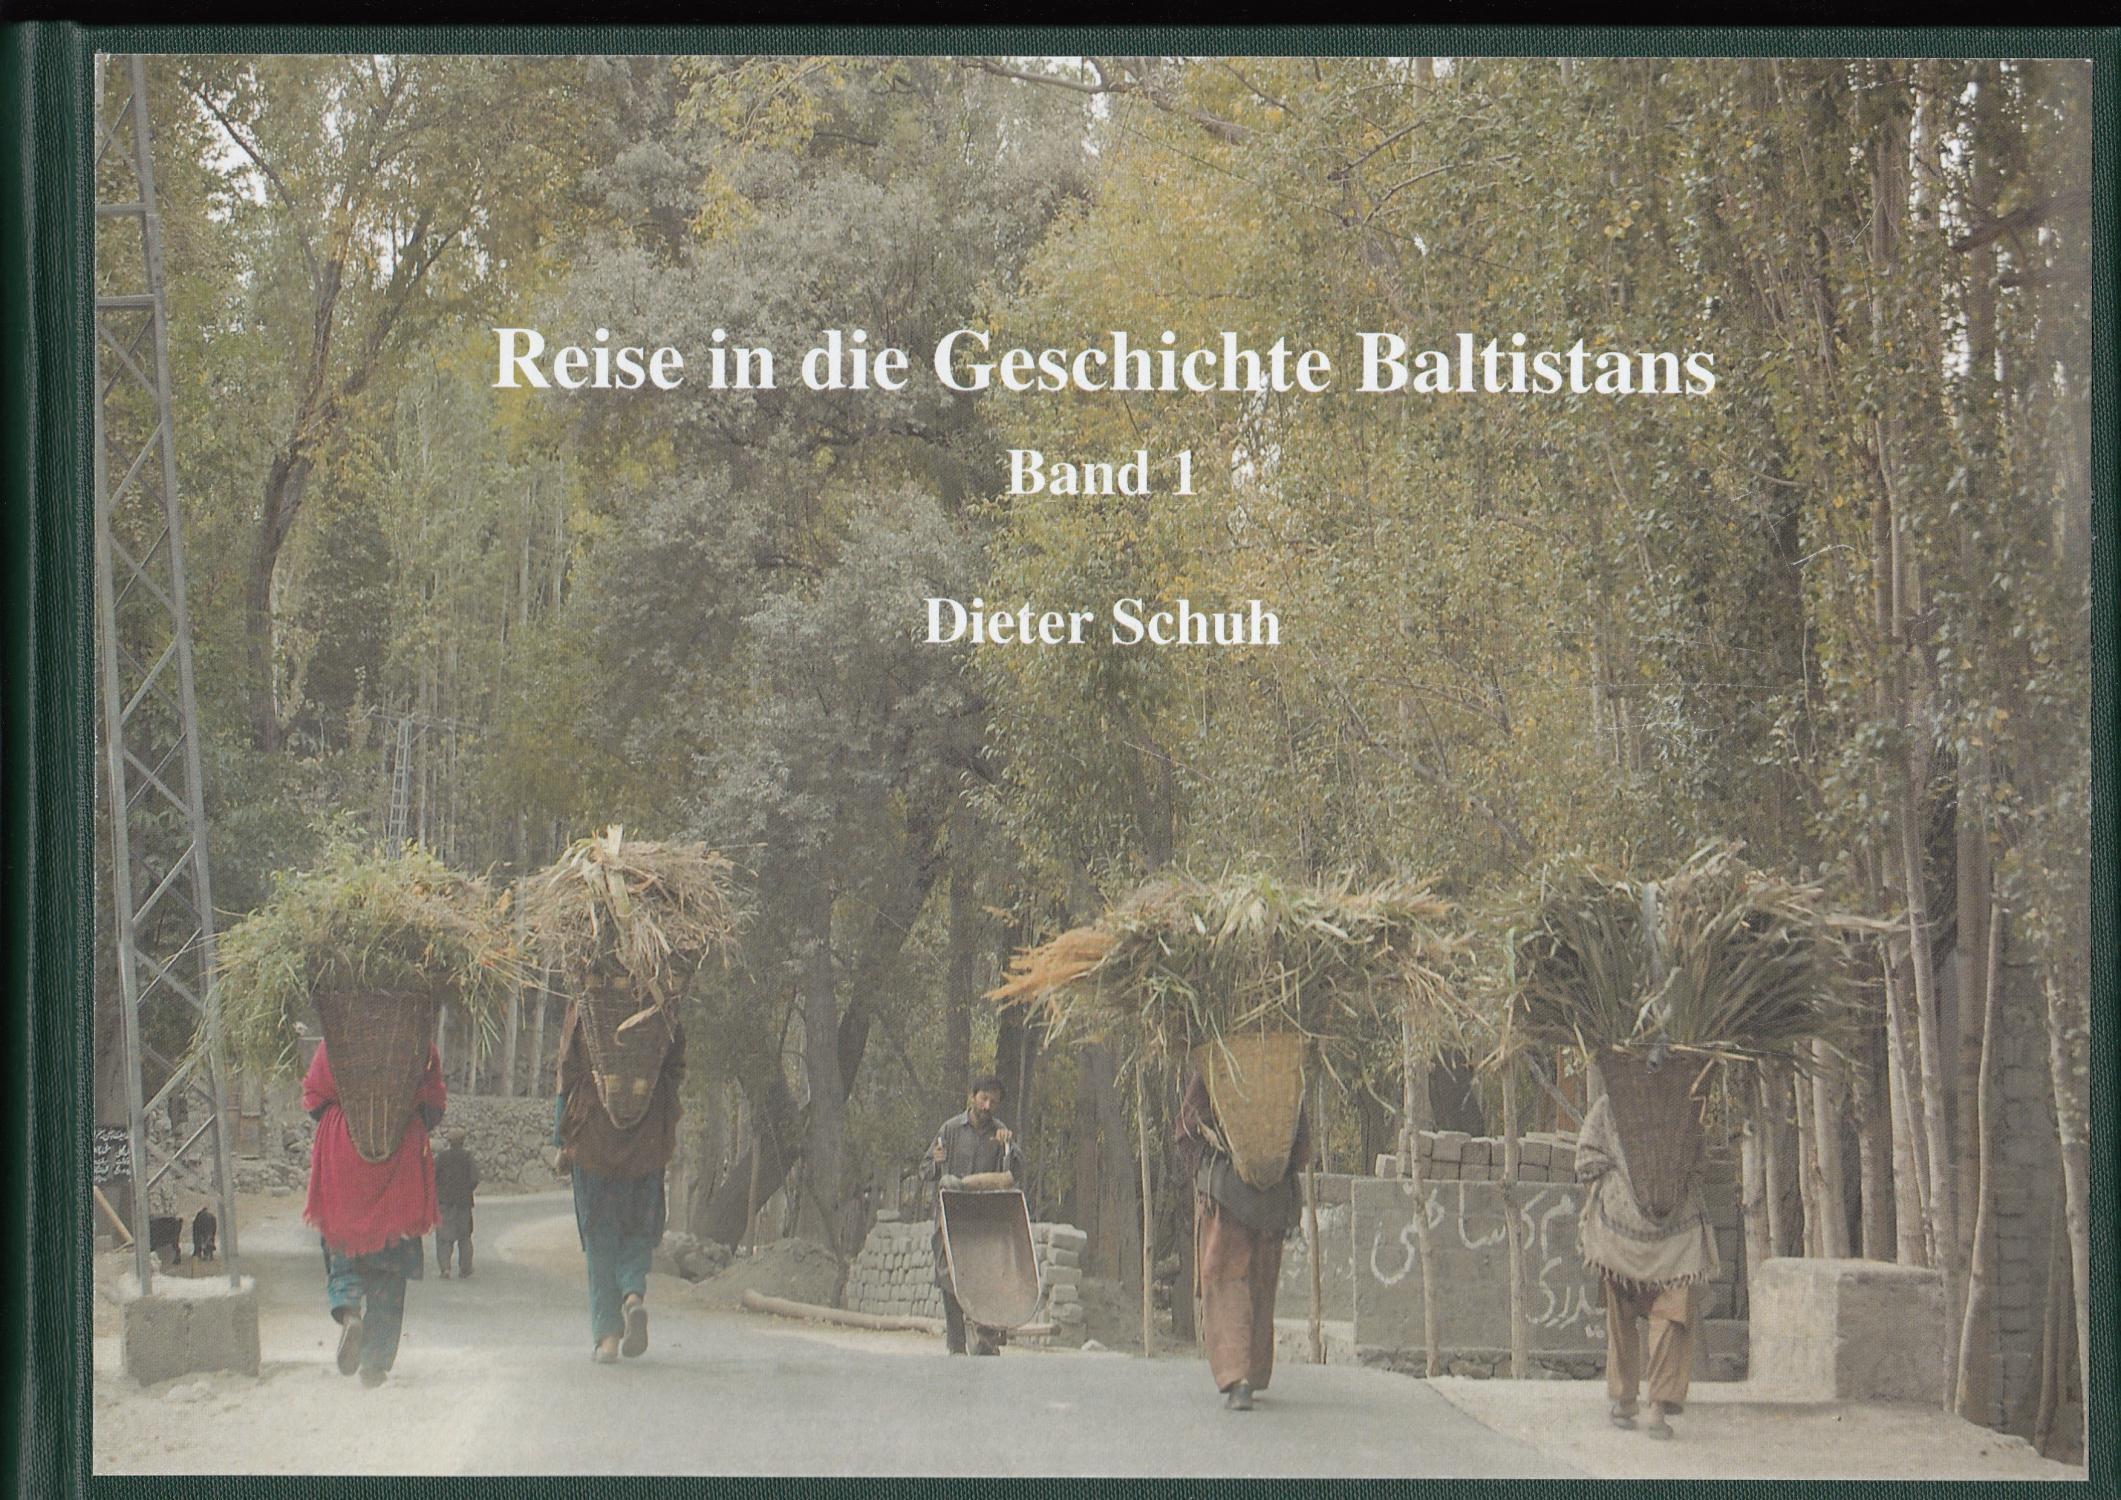 Reise in die Geschichte Baltistans